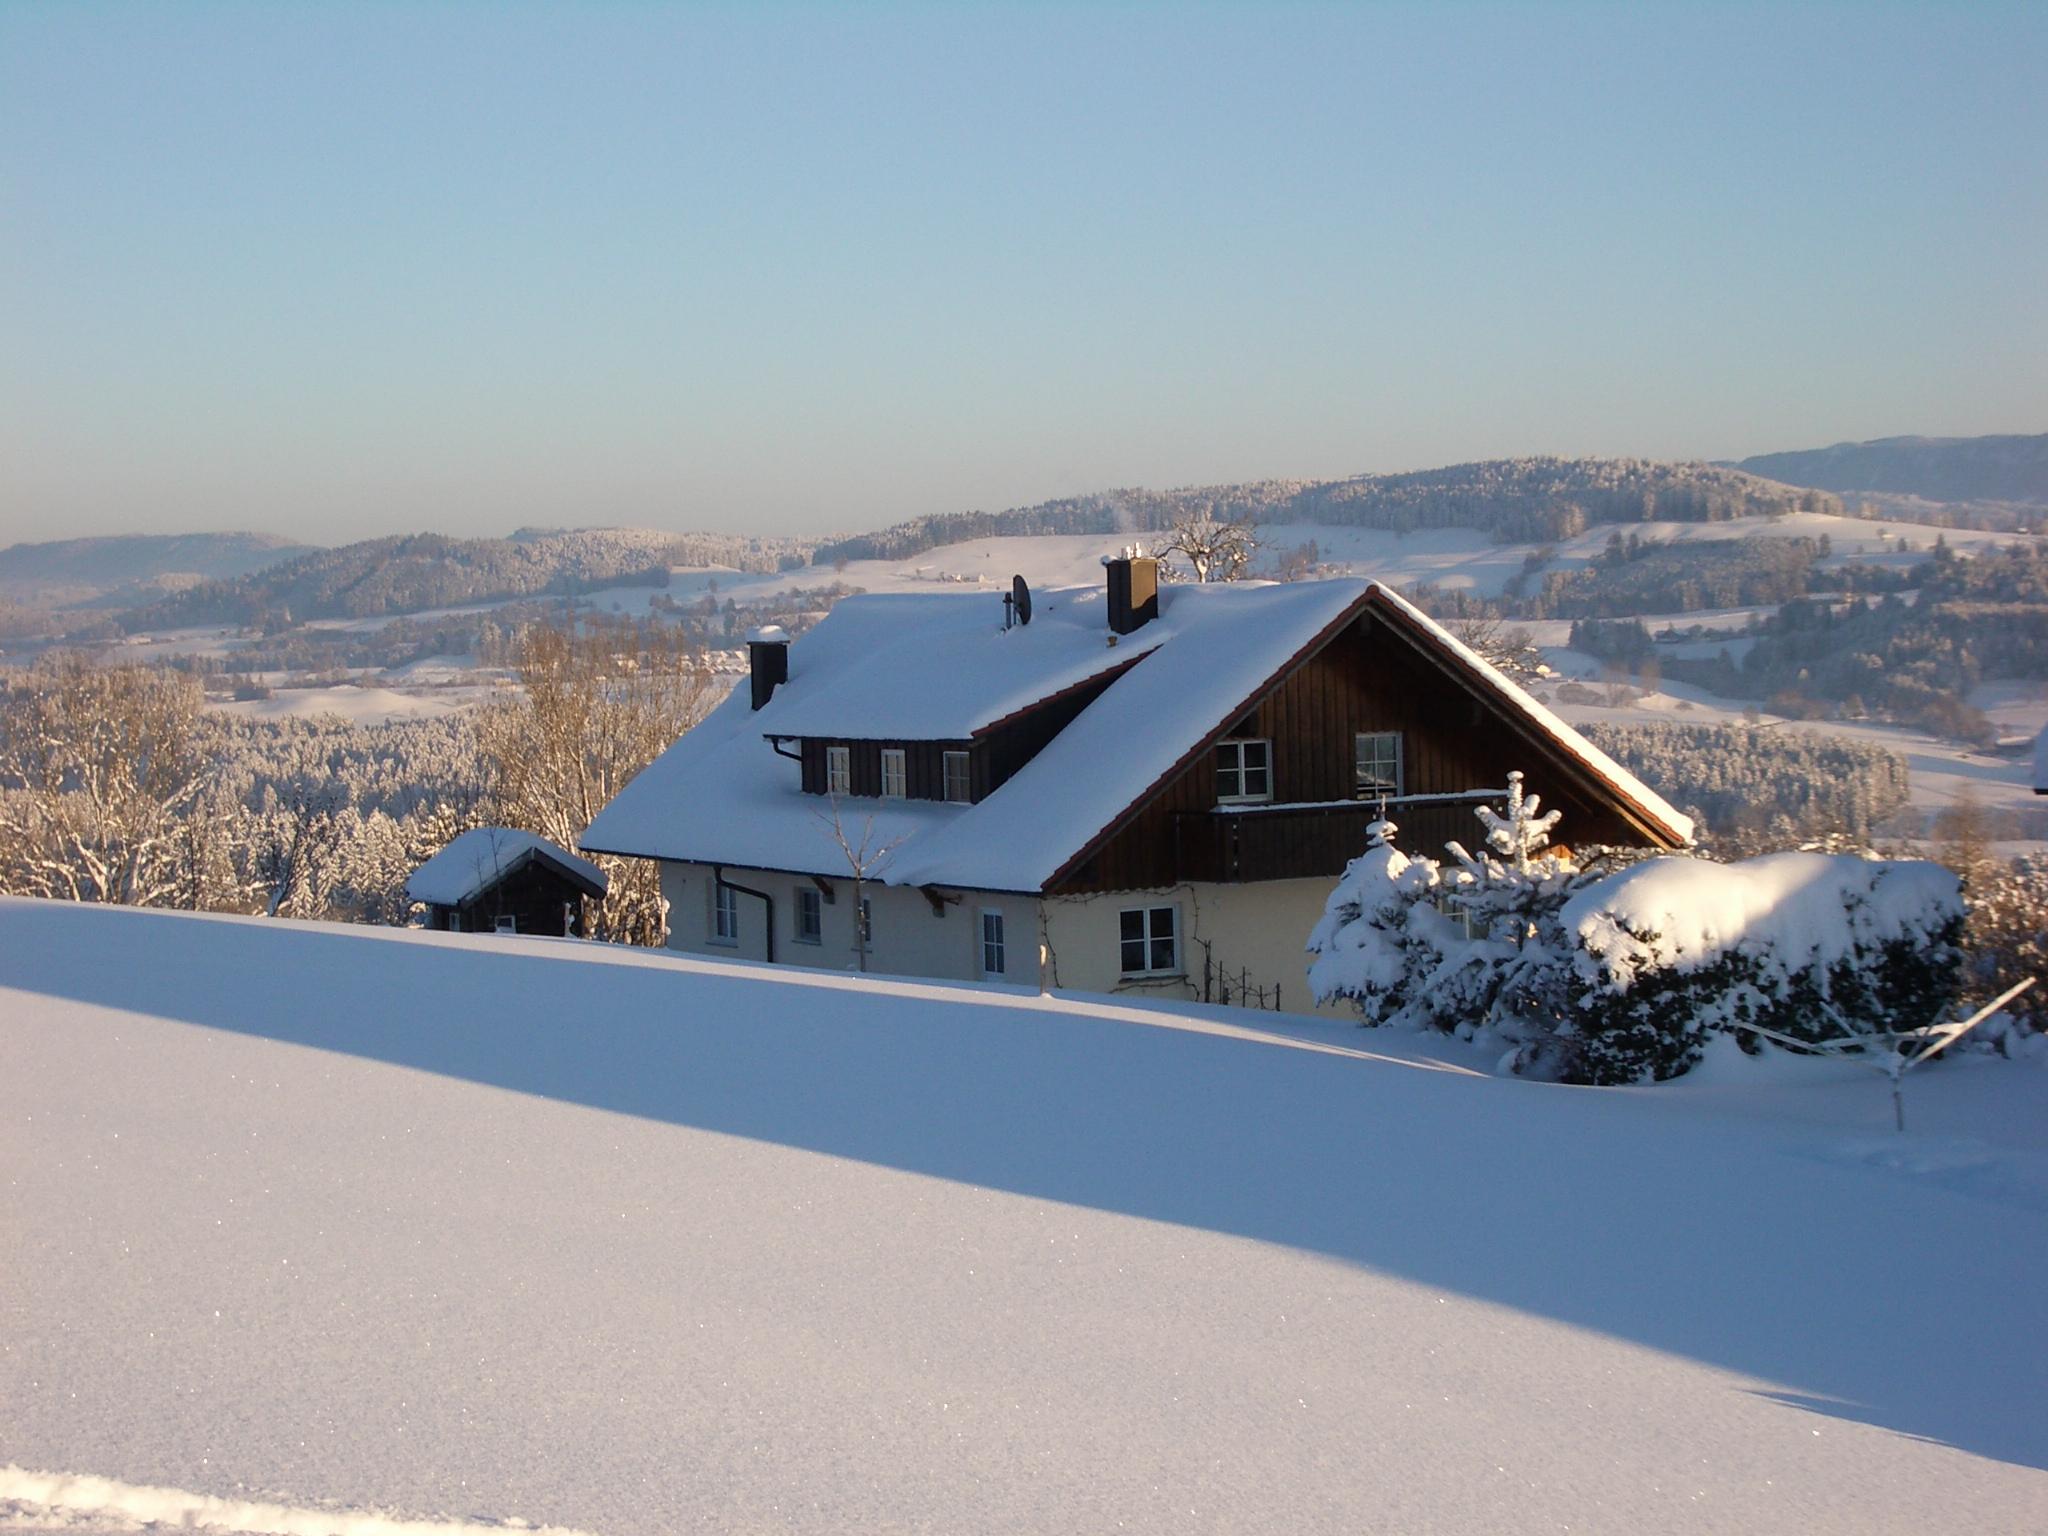 Ferienwohnung Schneider, Winter